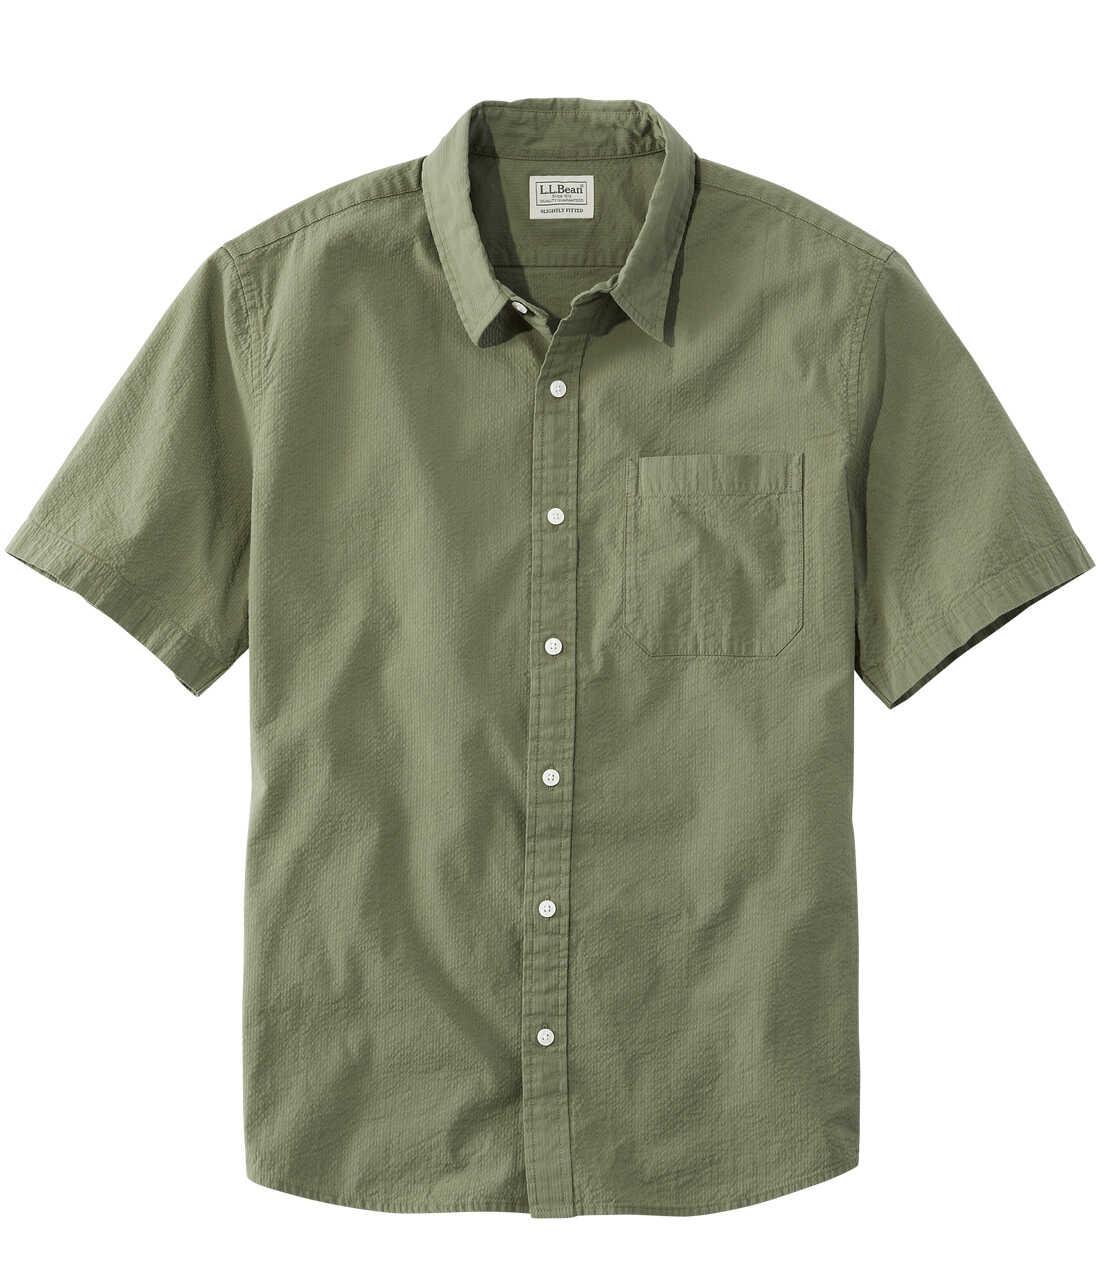 オーガニック・コットン・シアサッカー・シャツ、半袖